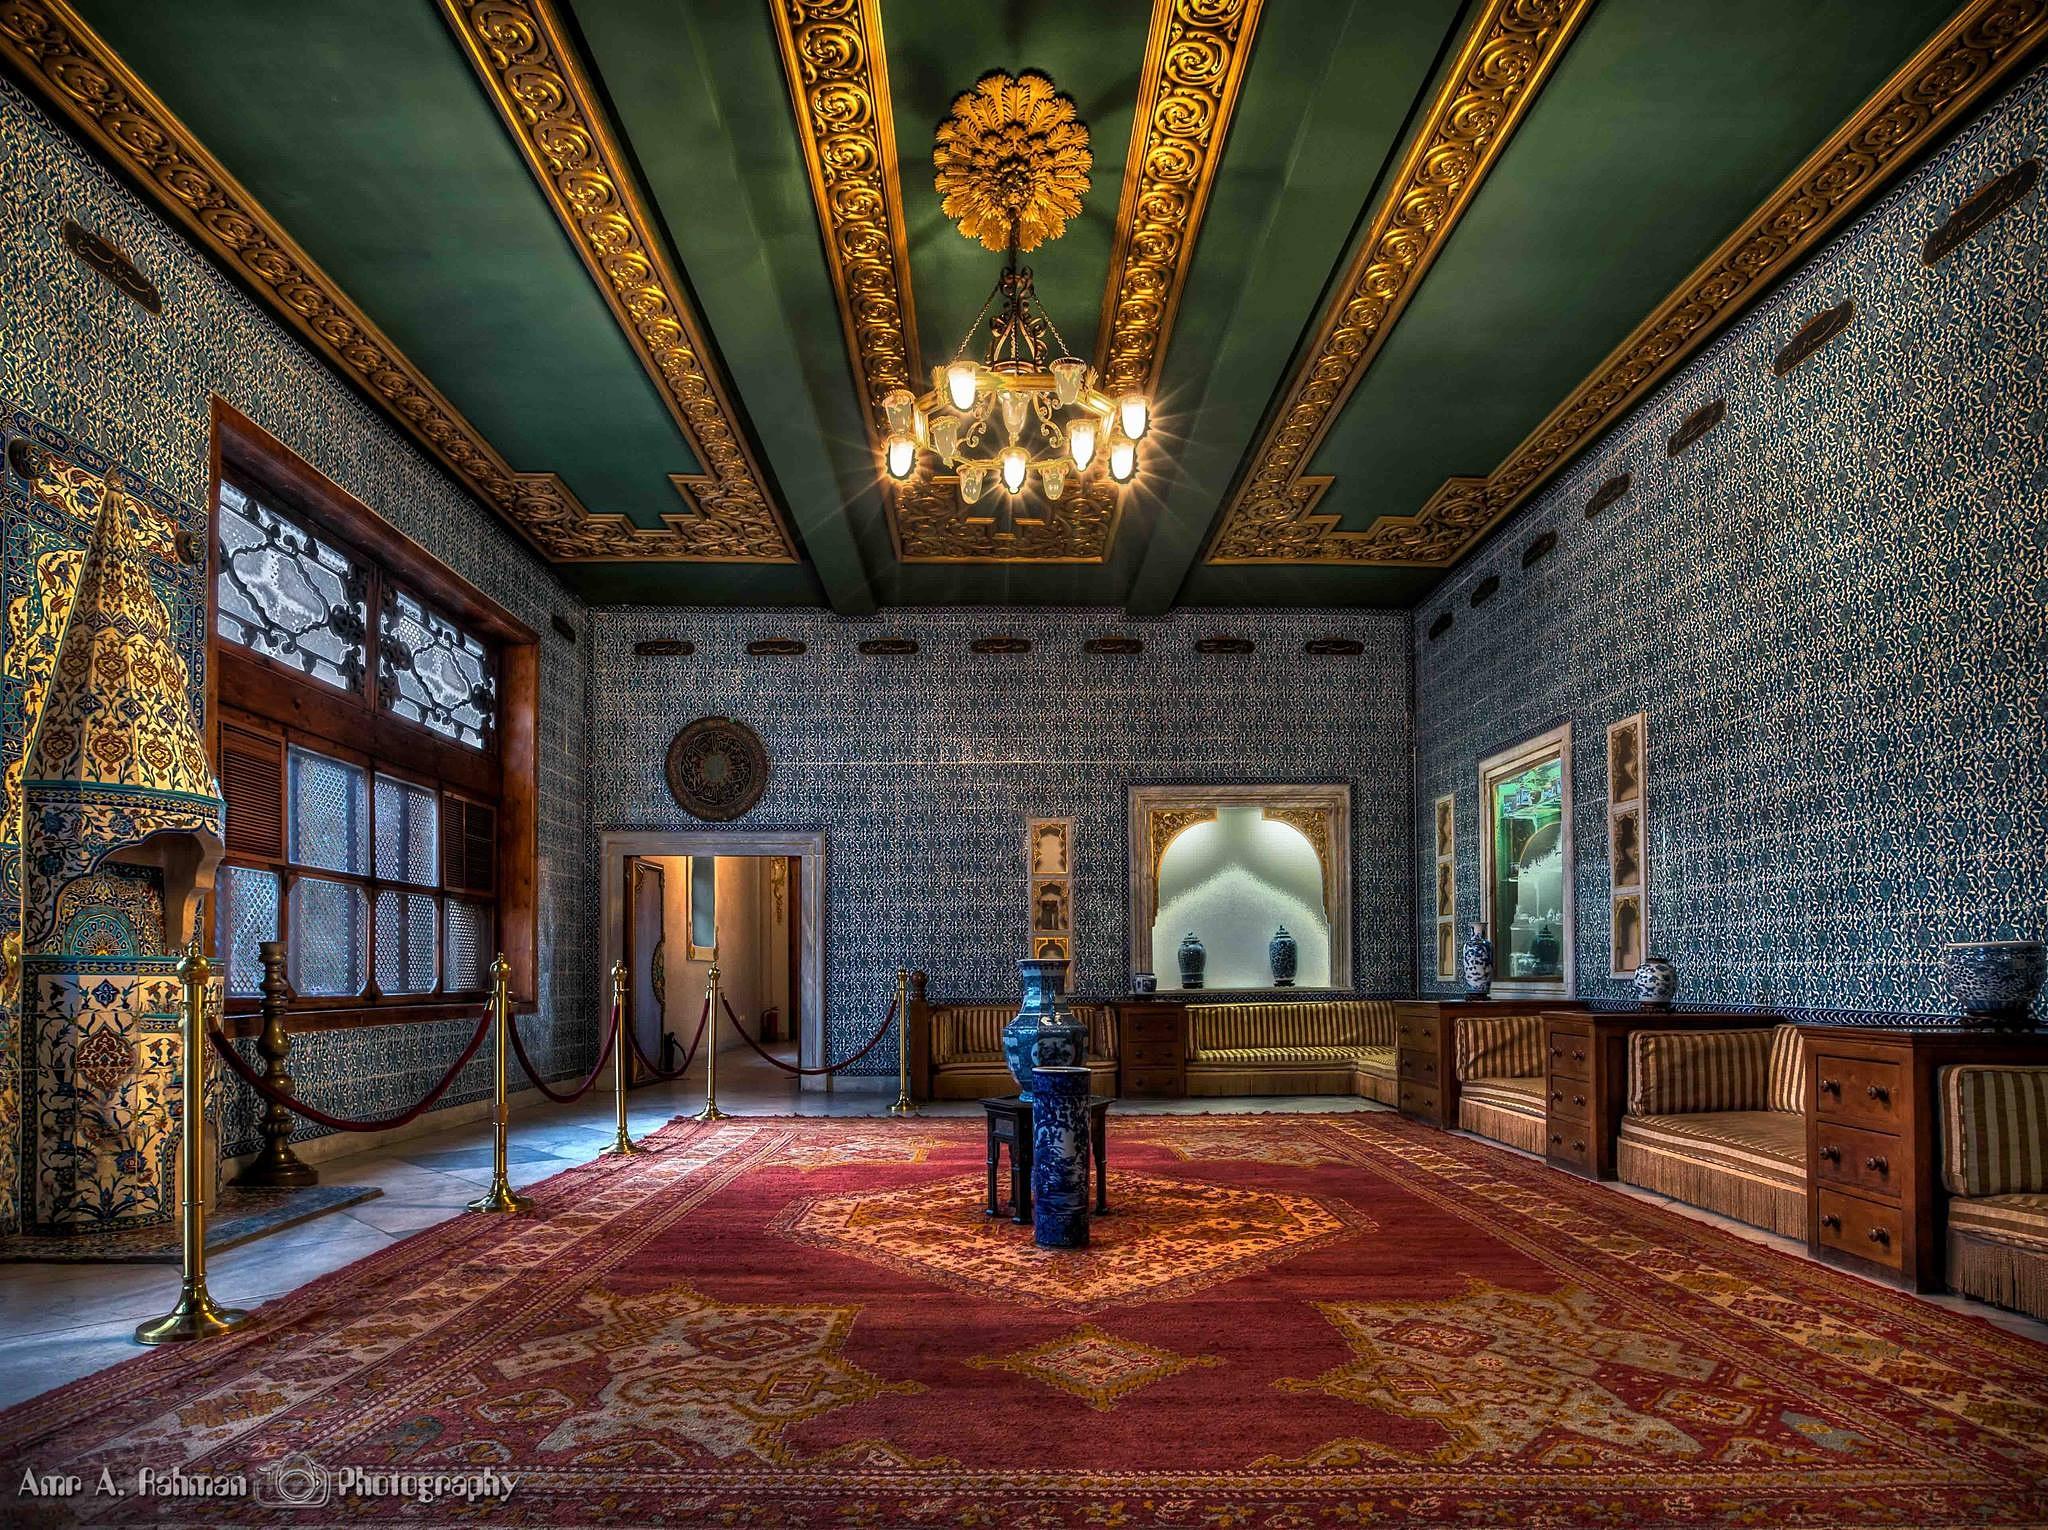 Royal Room by Amr A. Rahman